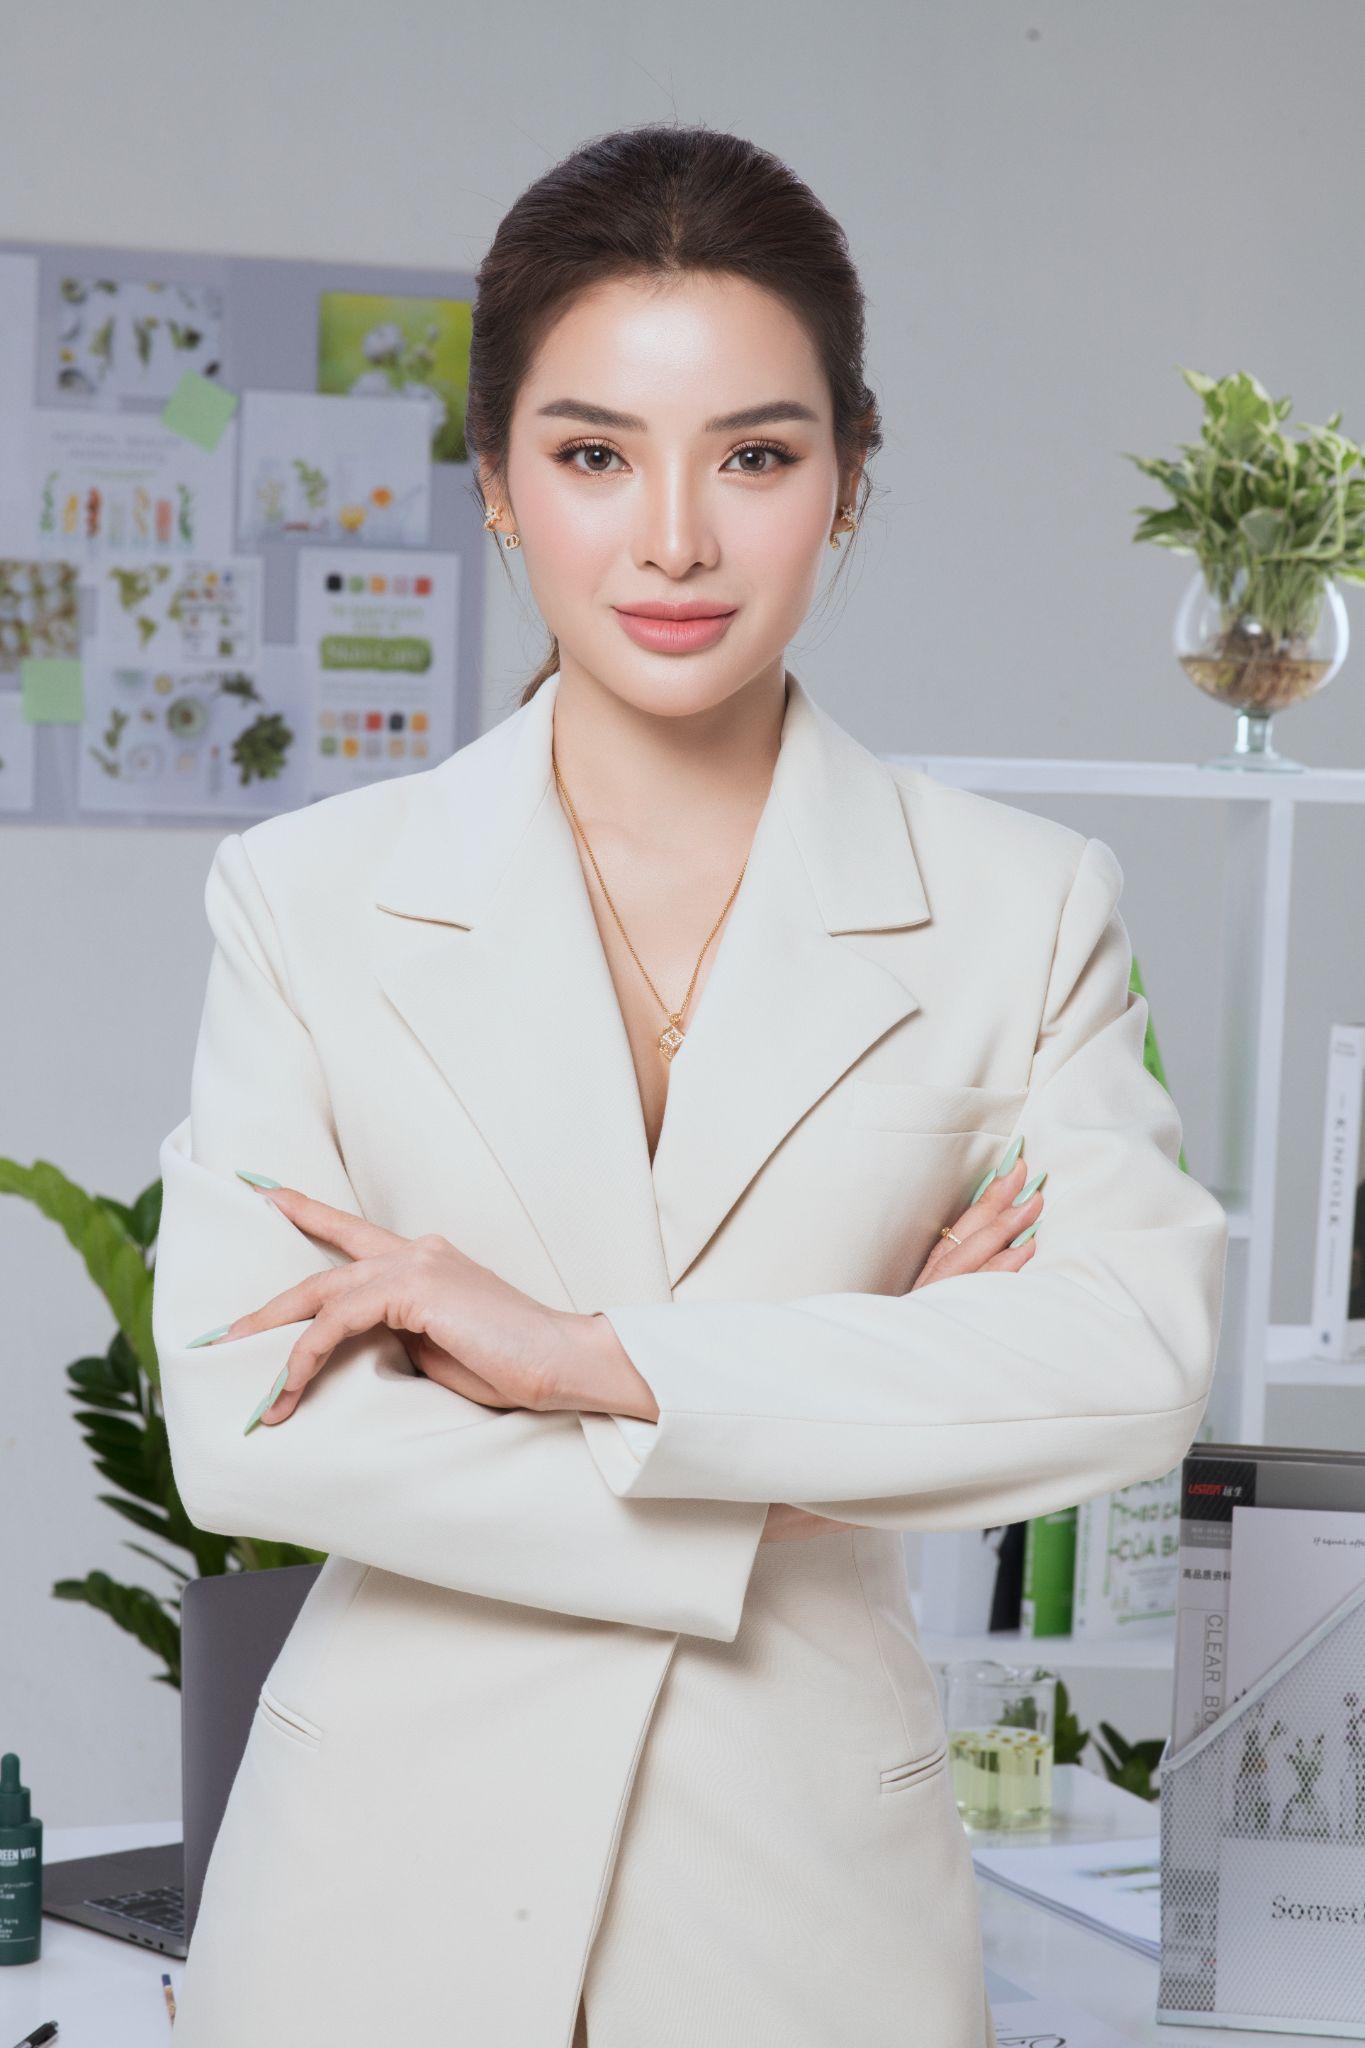 Phương Trinh Jolie: Từ cô gái đa tài của showbiz Việt đến CEO tài năng - Ảnh 3.